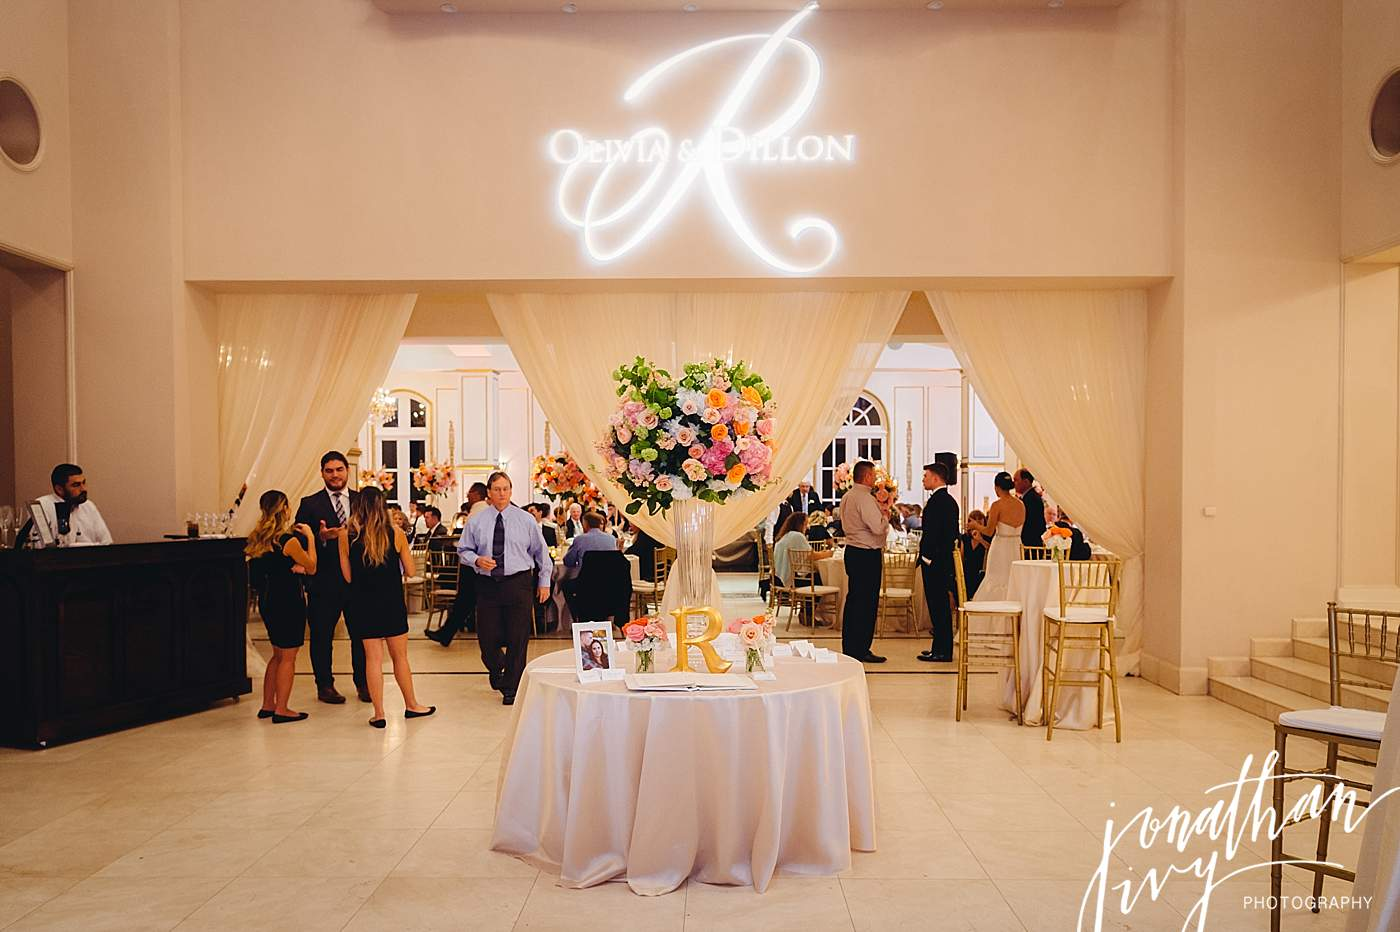 Chateau Cocomar Wedding,Houston Wedding Photographer,The Woodlands Wedding Photographer,Wedding at Chateau Cocomar,